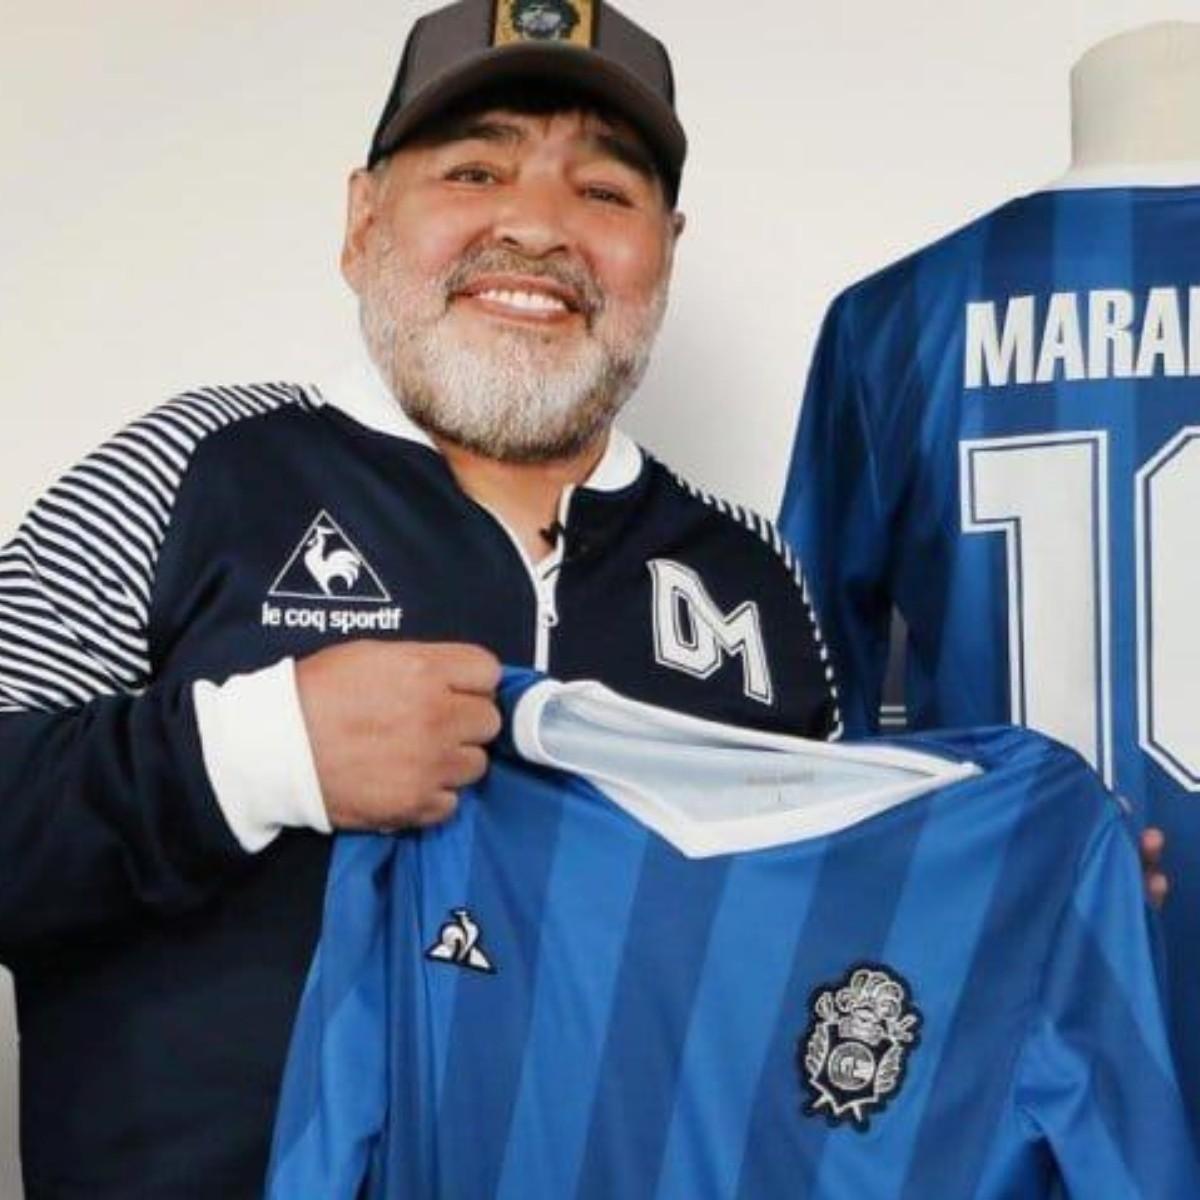 Todos la van a querer: la nueva camiseta de Gimnasia en homenaje a Maradona  | Bolavip